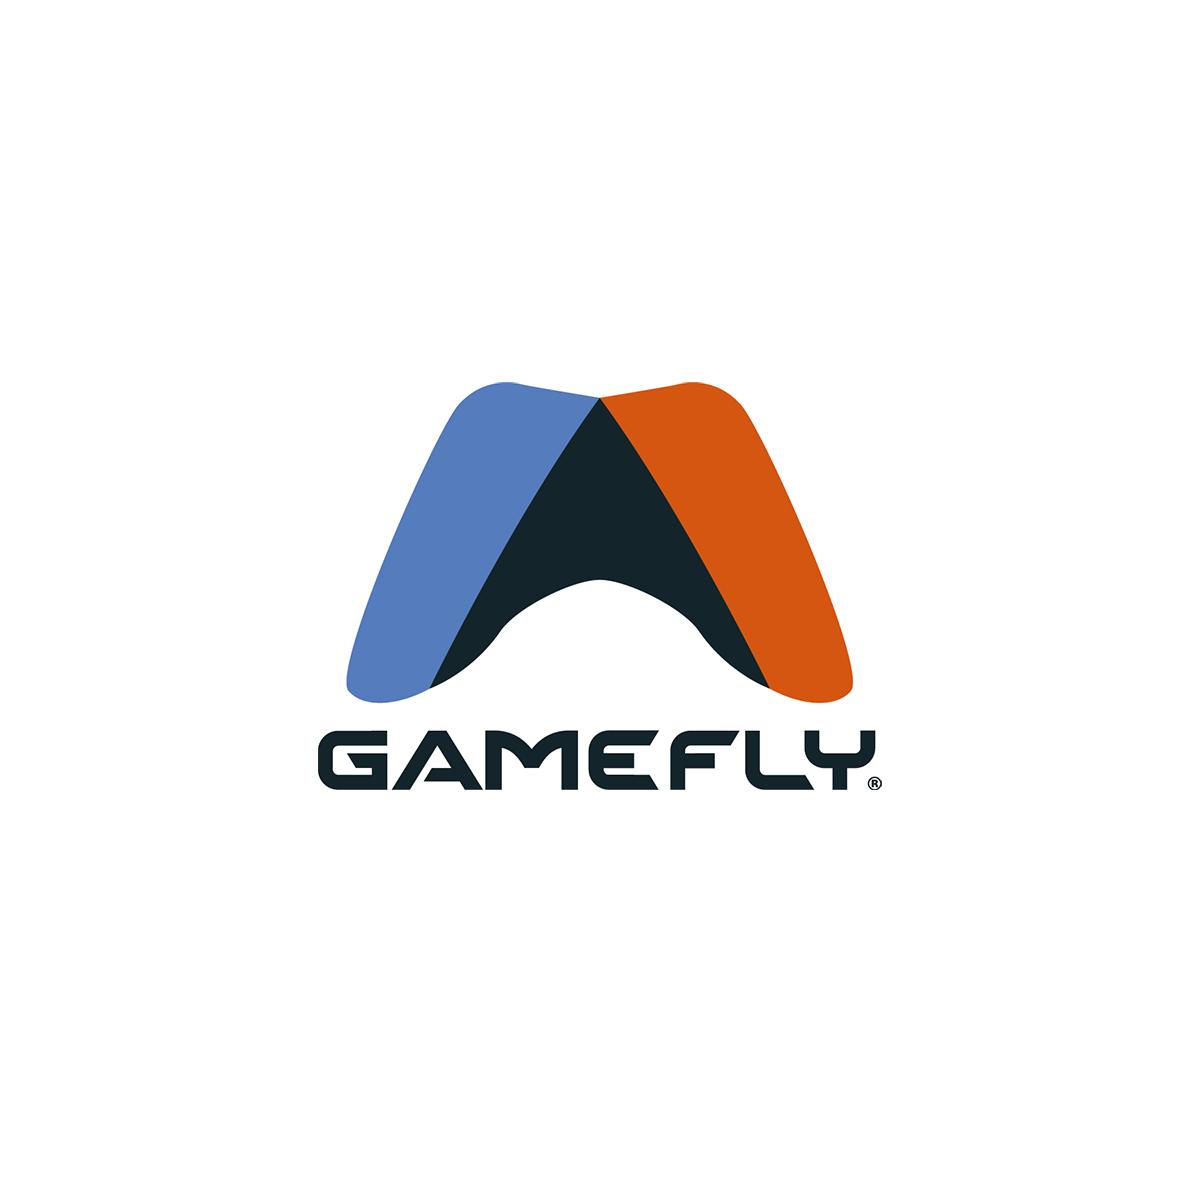 GameFly Holdings